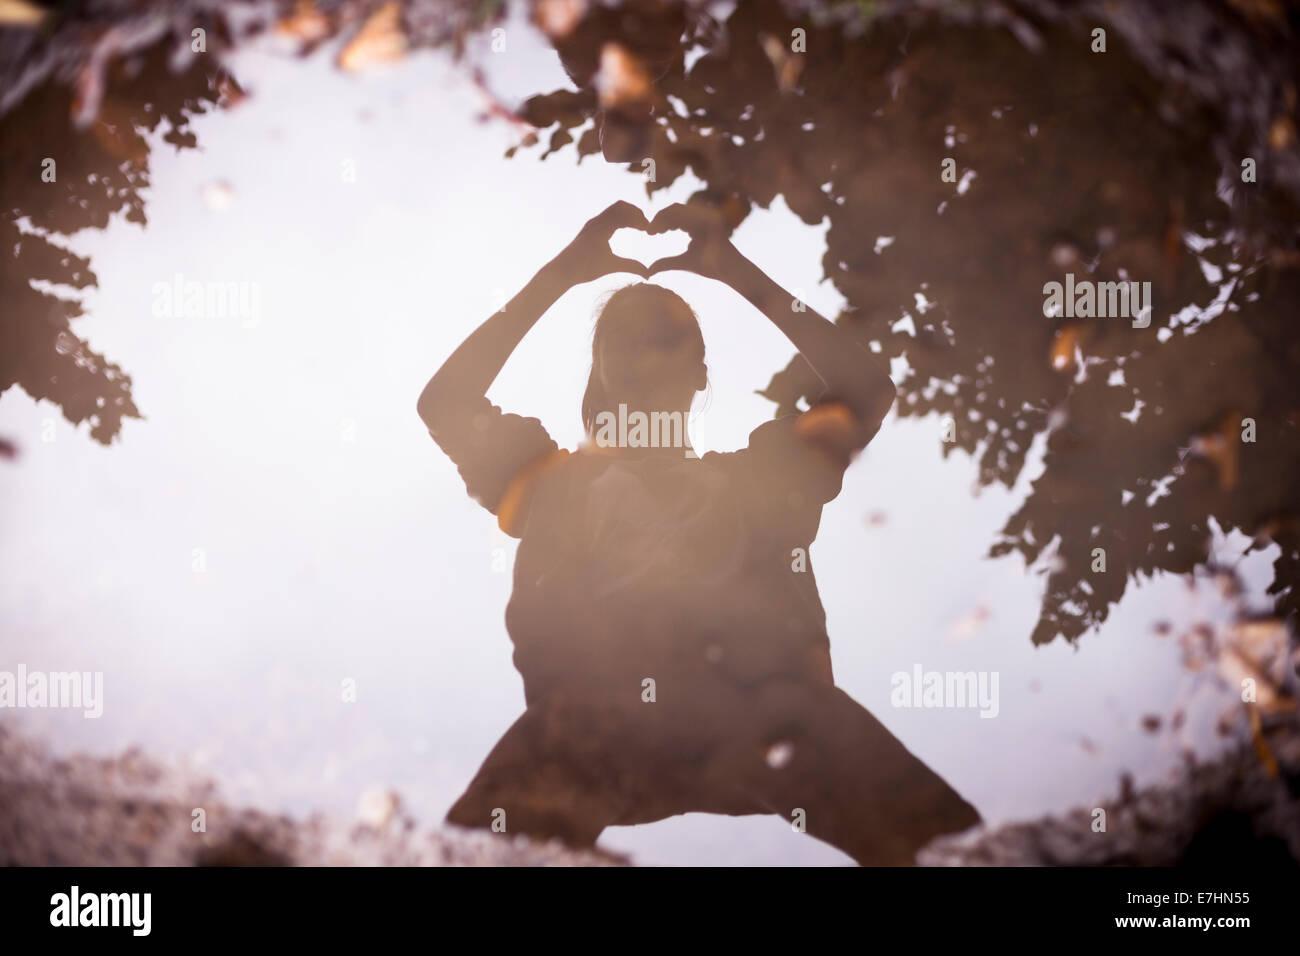 La riflessione in una pozza di una persona che forma un cuore con le mani. Immagini Stock